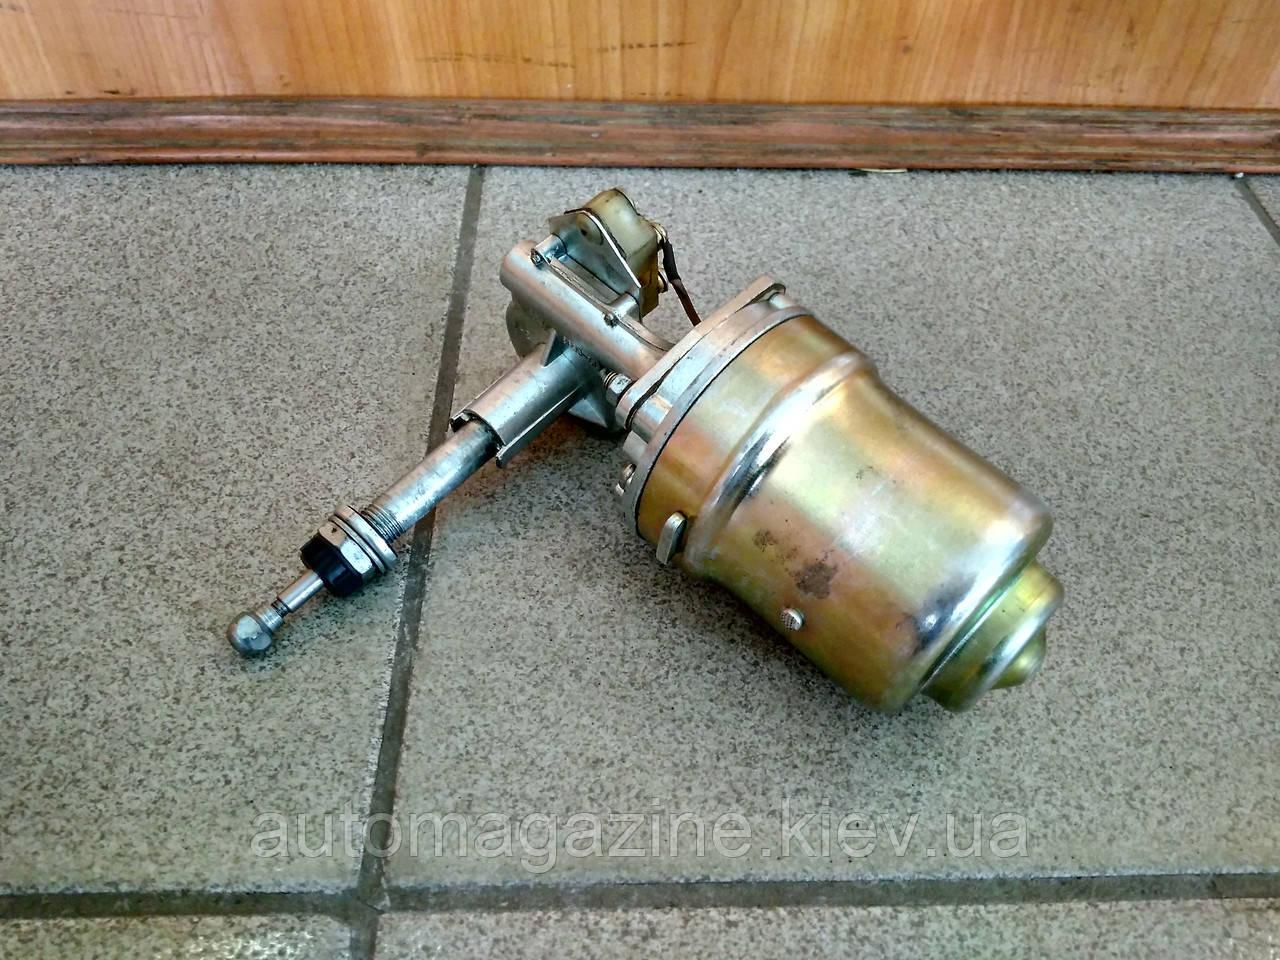 Моторедуктор (двигатель) стеклоочистителя УАЗ 469 (старый образец)